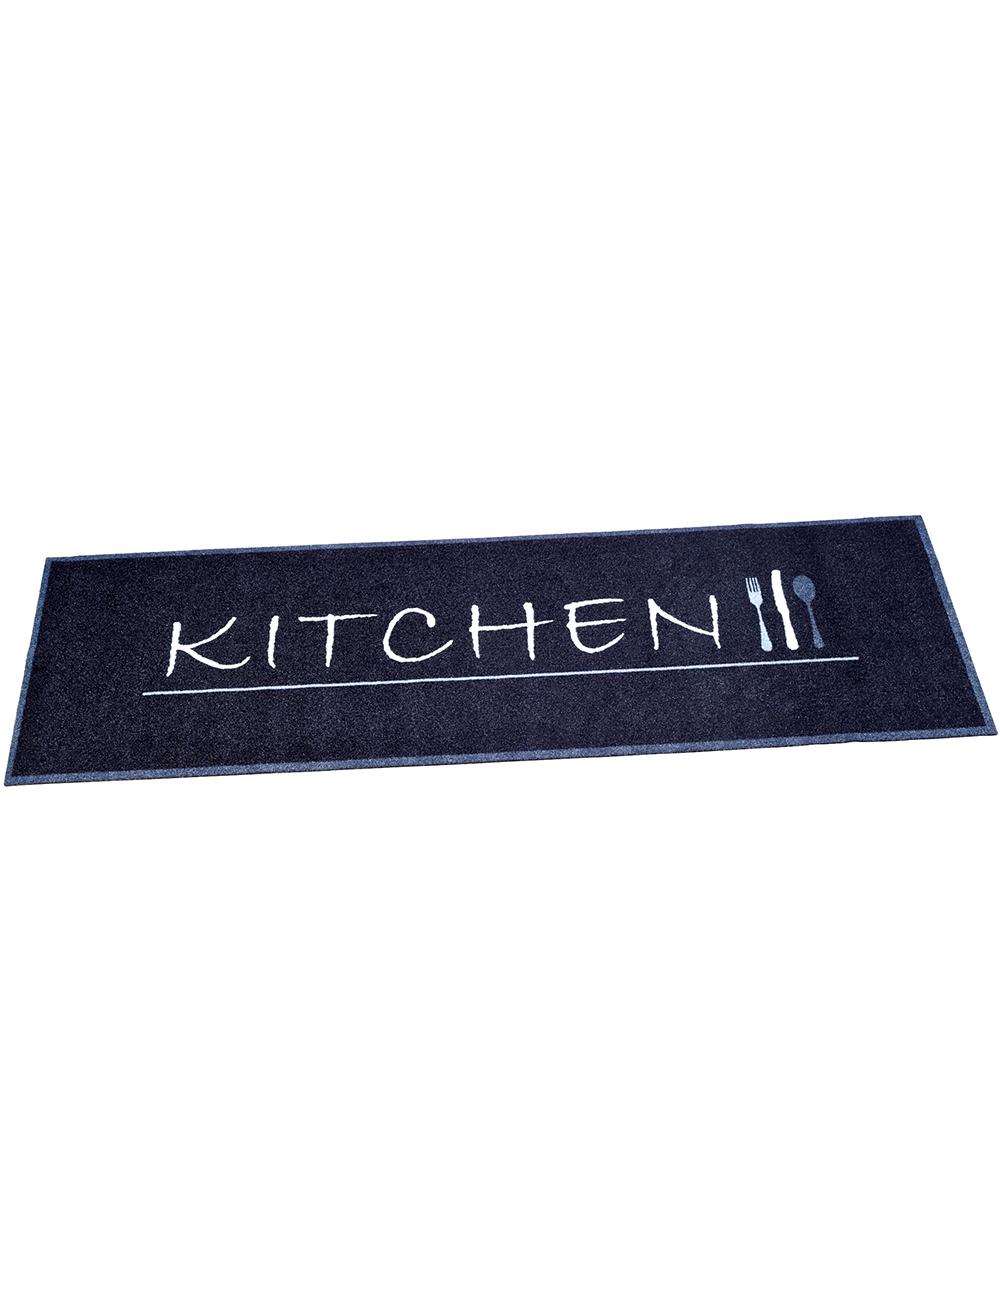 Tapis de cuisine kitchen moderne et de qualit for Tapis de sol cuisine moderne